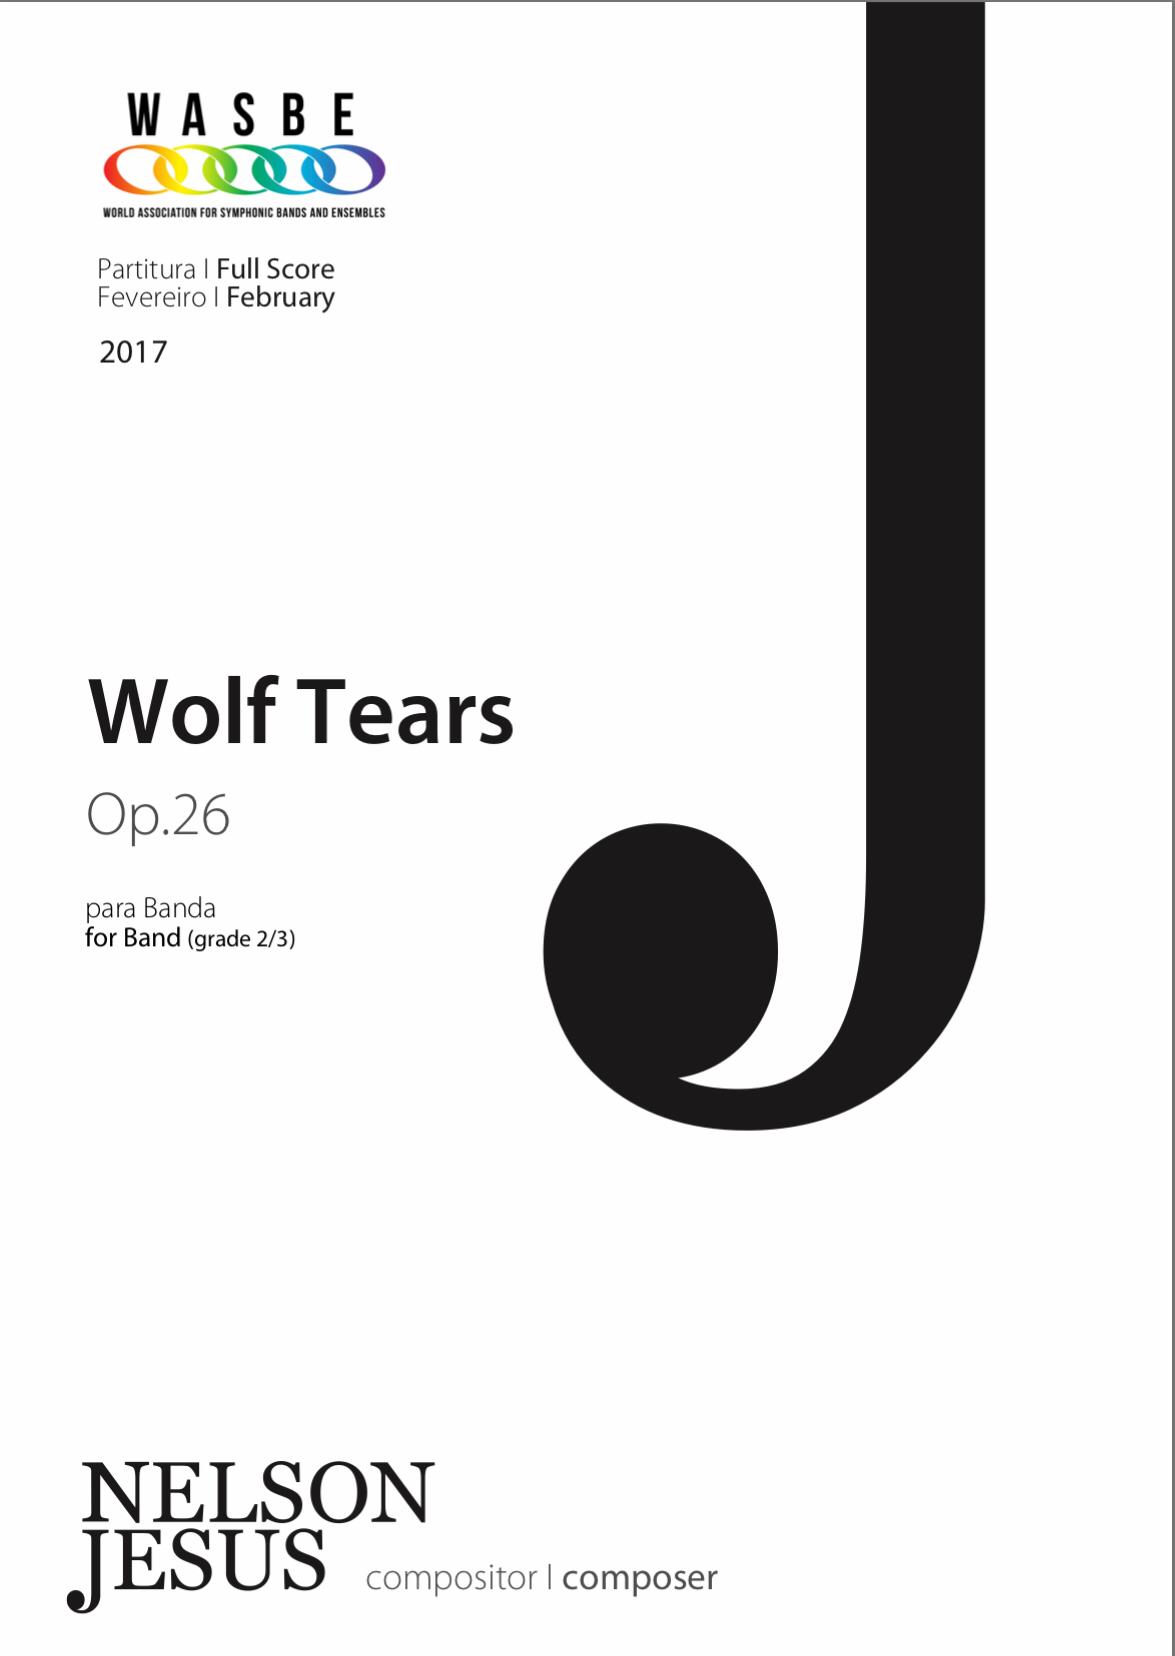 Wolf Tears by Nelson Jesus